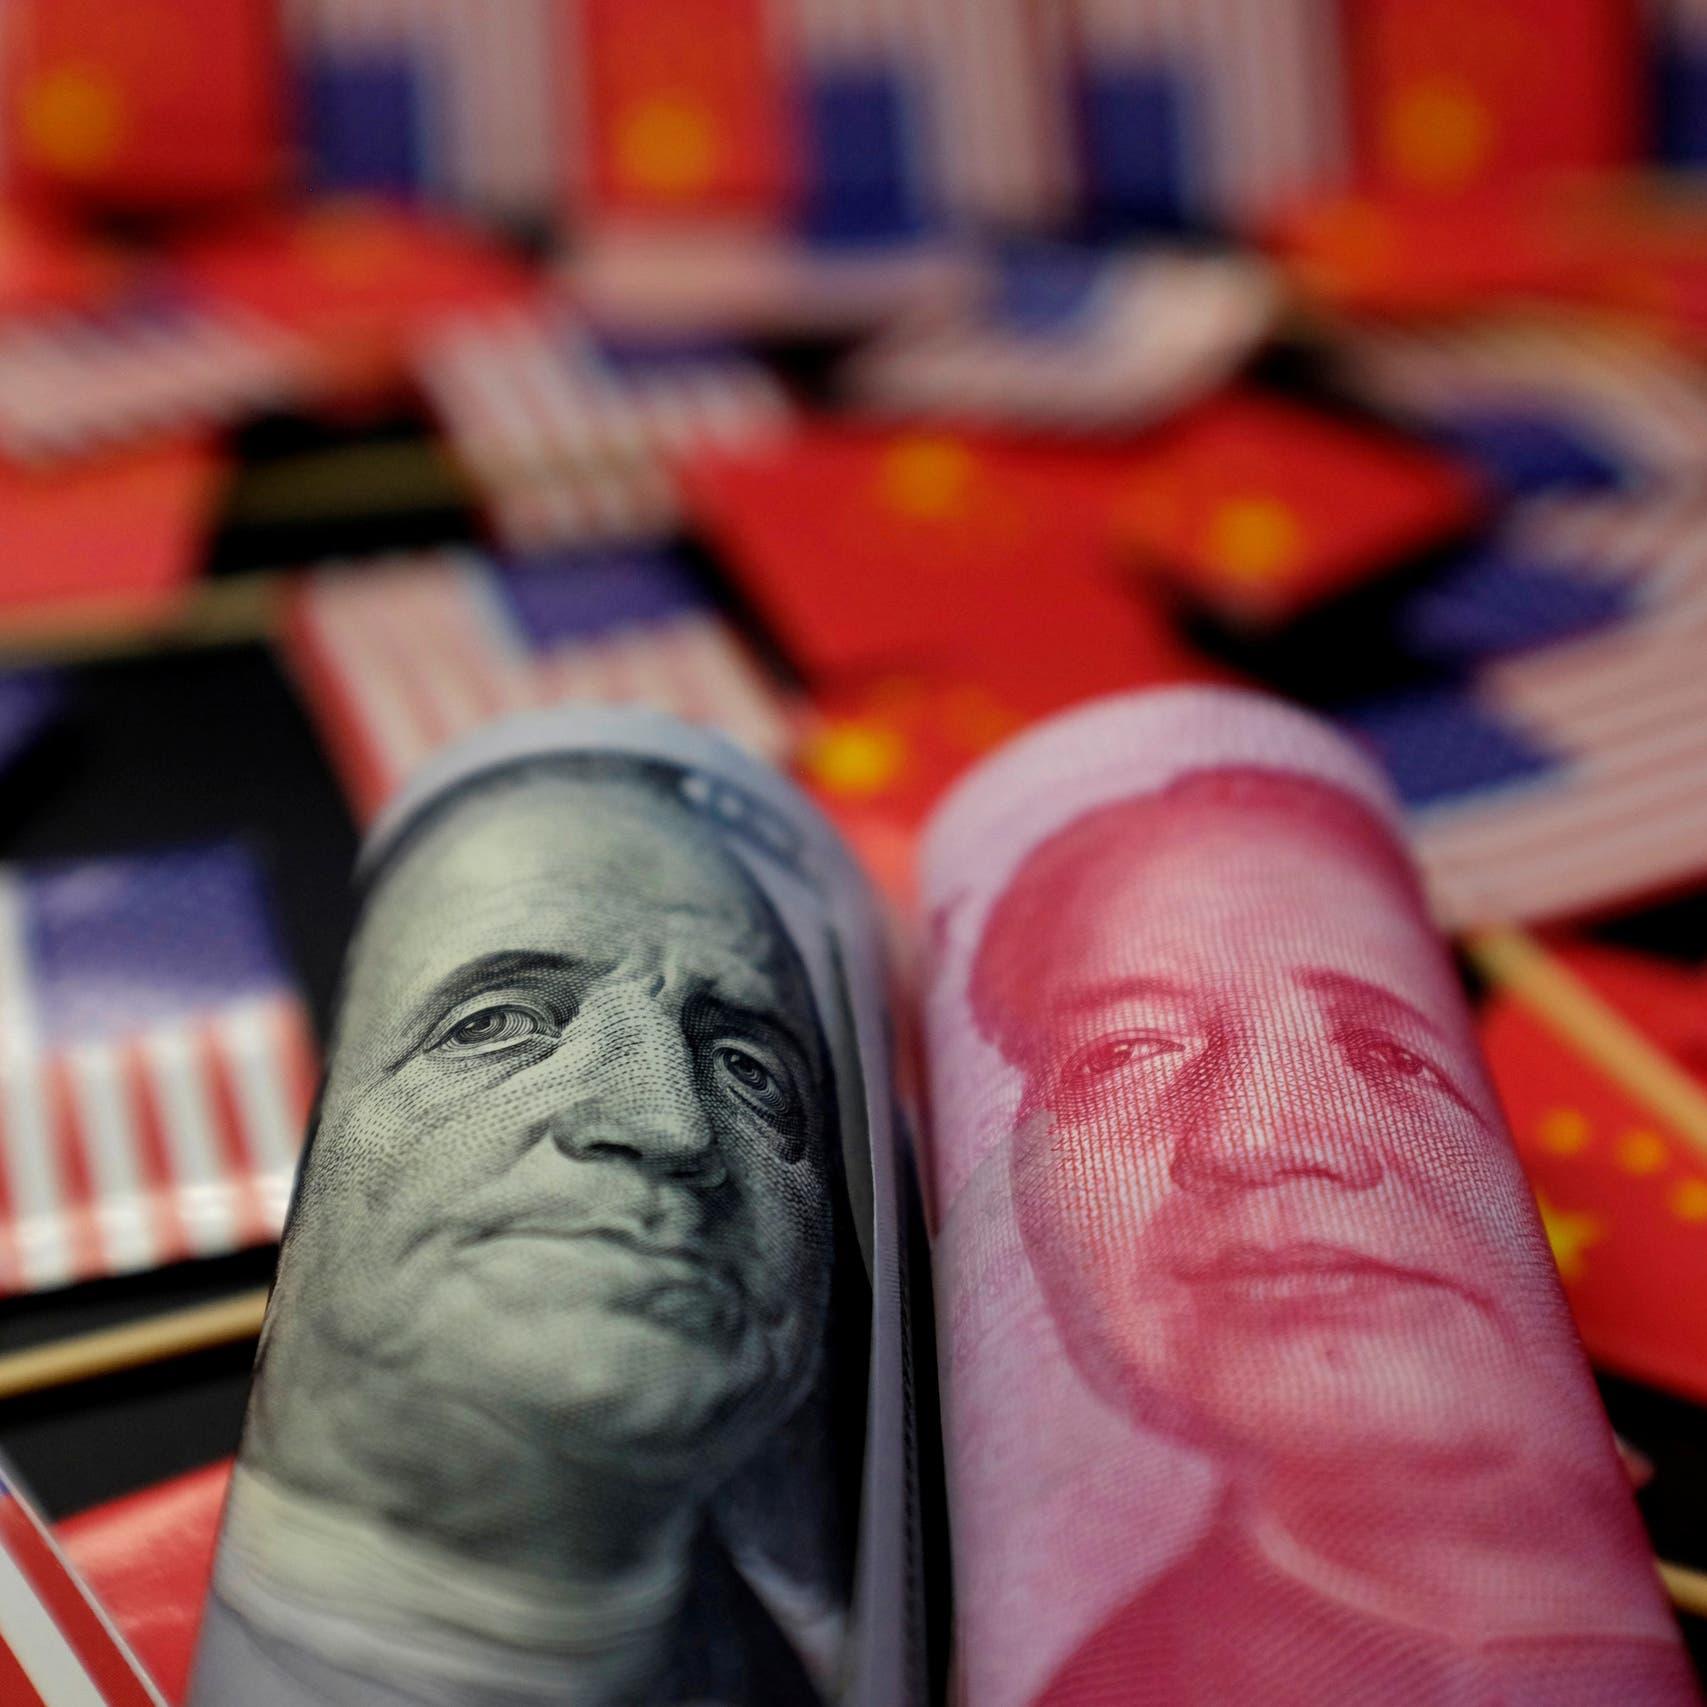 أميركا تهاجم قراراً يسمح للصين بفرض عقوبات عليها